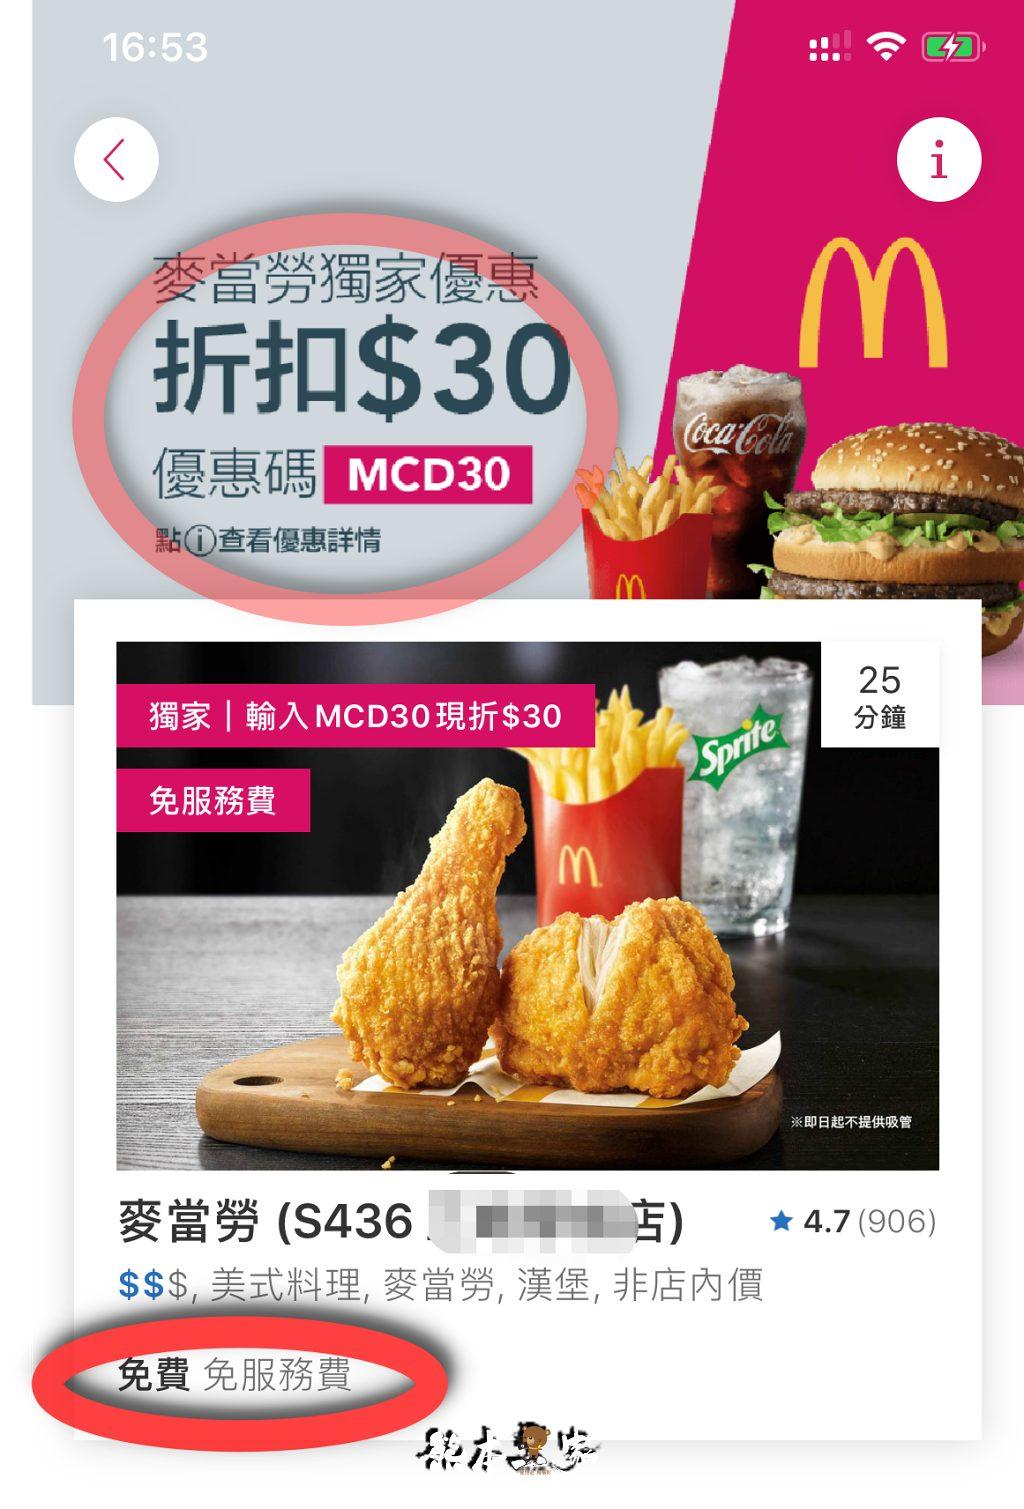 透過這優惠你知道「用foodpanda外送麥當勞比現場買還便宜一半」嗎!